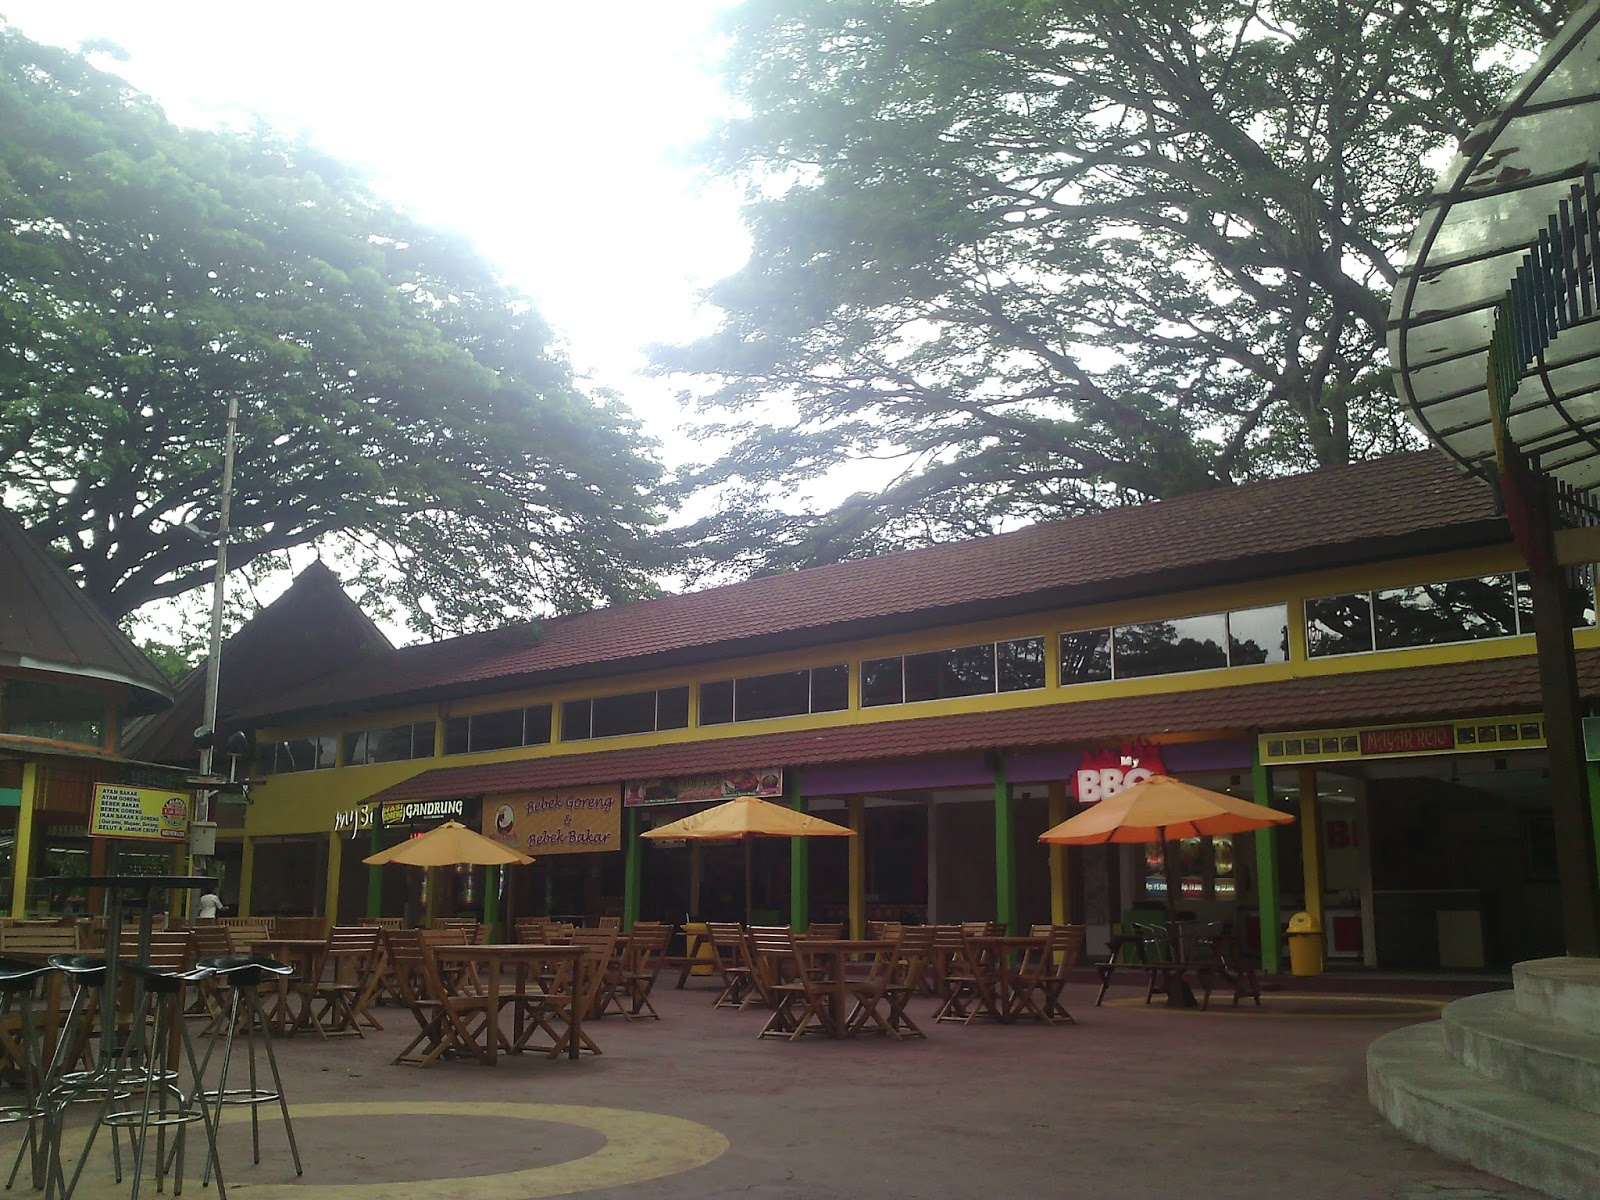 Sebagai pusat kuliner terbesar di Jawa Timur SFF menyediakan ratusan tenant yang menyajikan beragam menu berkualitas dengan harga yang terjangkau bagi